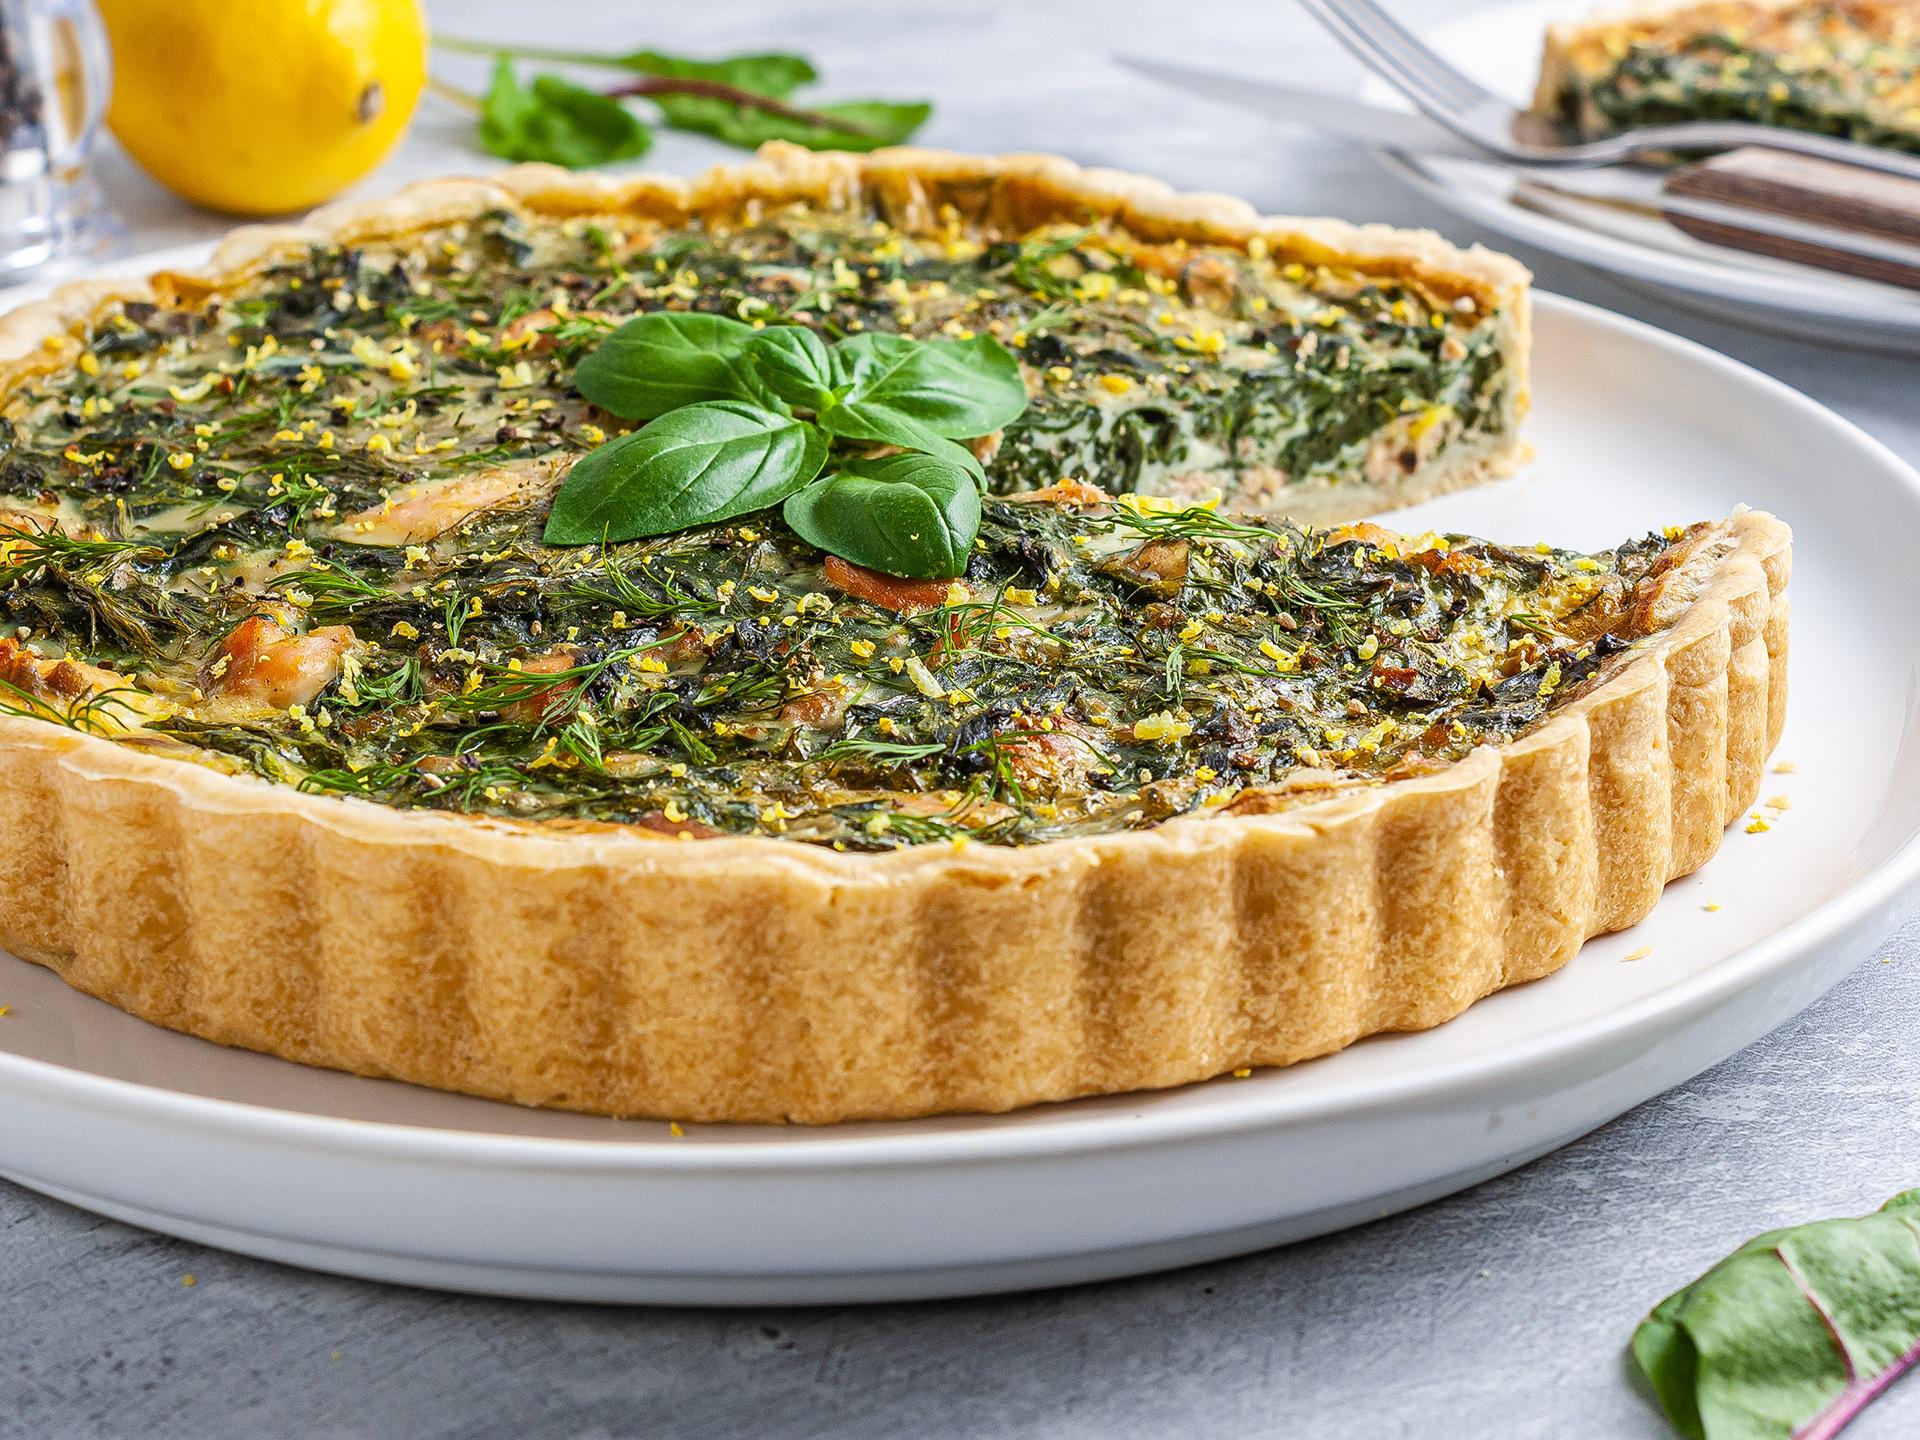 Dairy-Free Salmon and Spinach Quiche Recipe